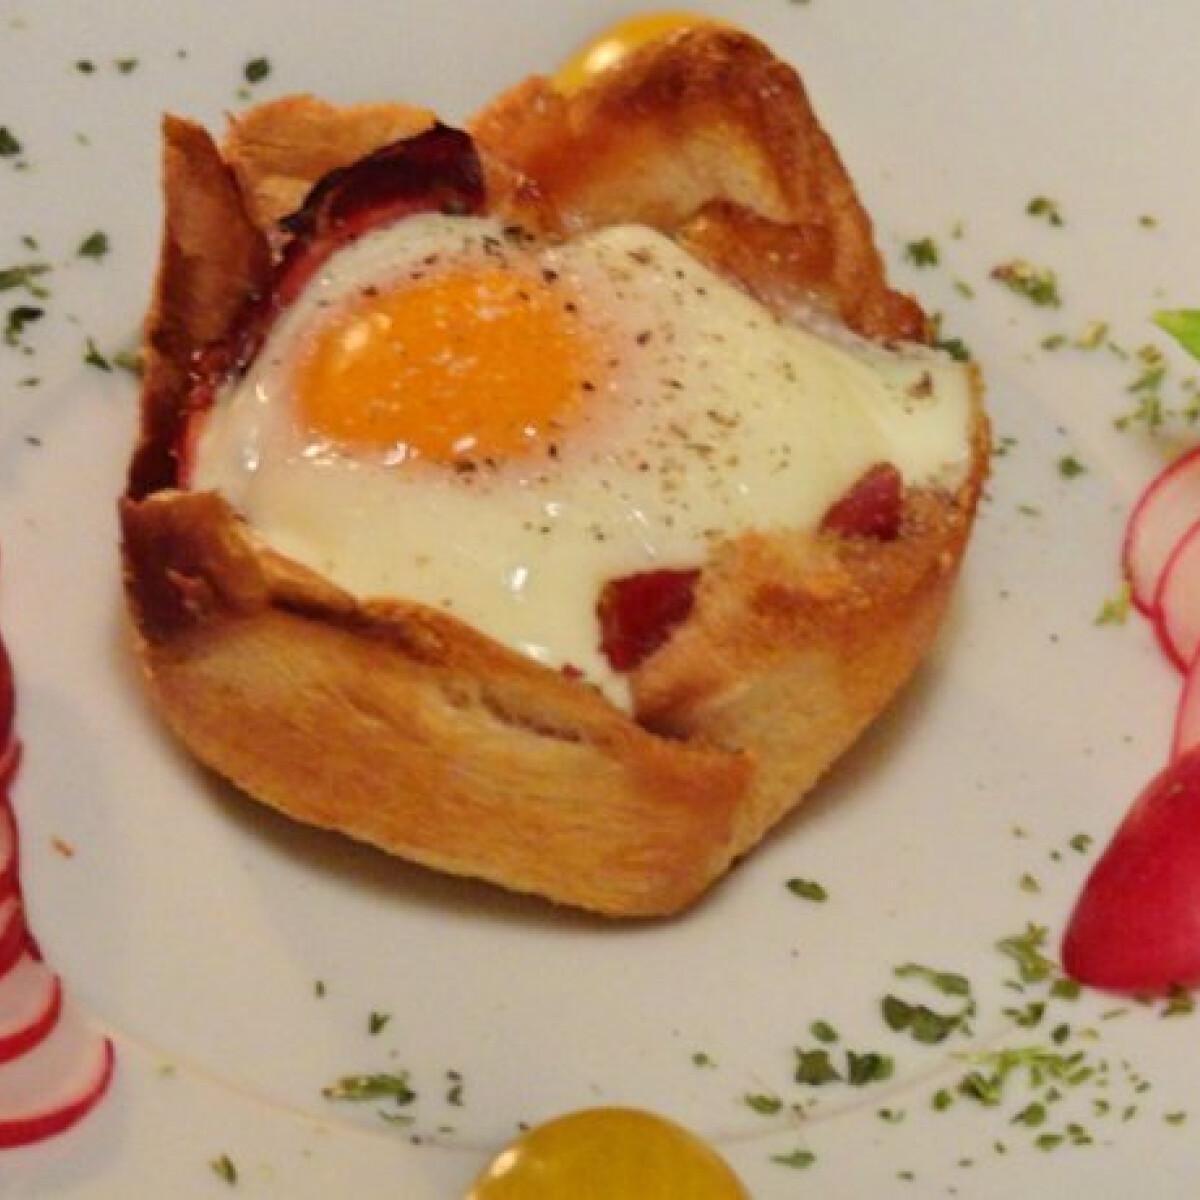 Ezen a képen: Toast kenyér-muffin tojással